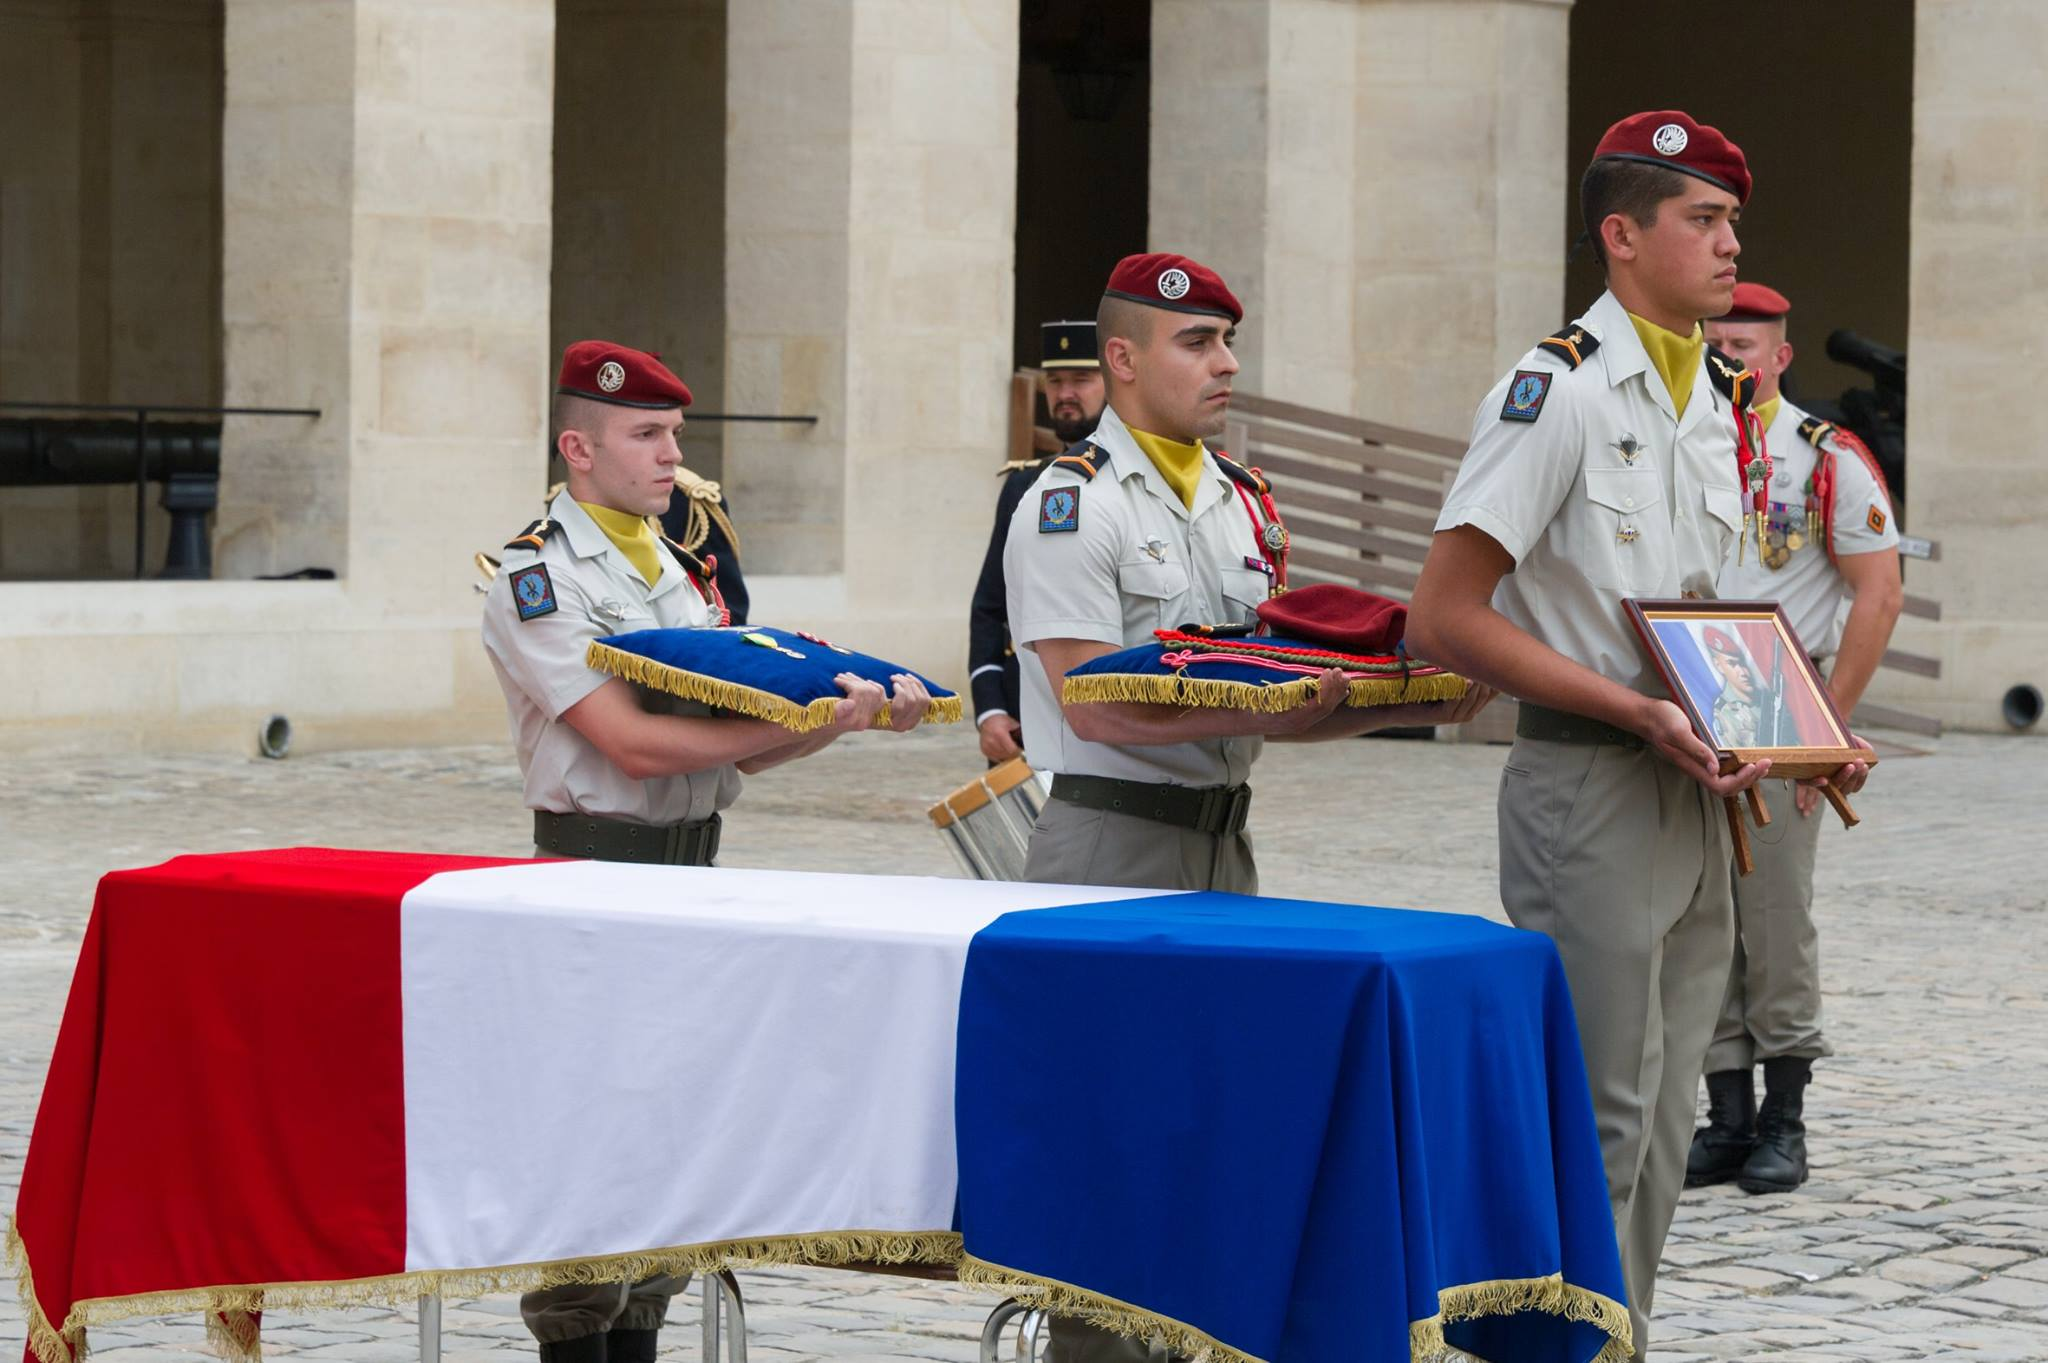 La première cérémonie s'est déroulée ce lundi à Paris dans l'intimité de la cour de l'Hôtel des Invalides en présence de sa famille et des frères d'armes de son régiment (Crédit : armée de Terre 2017)